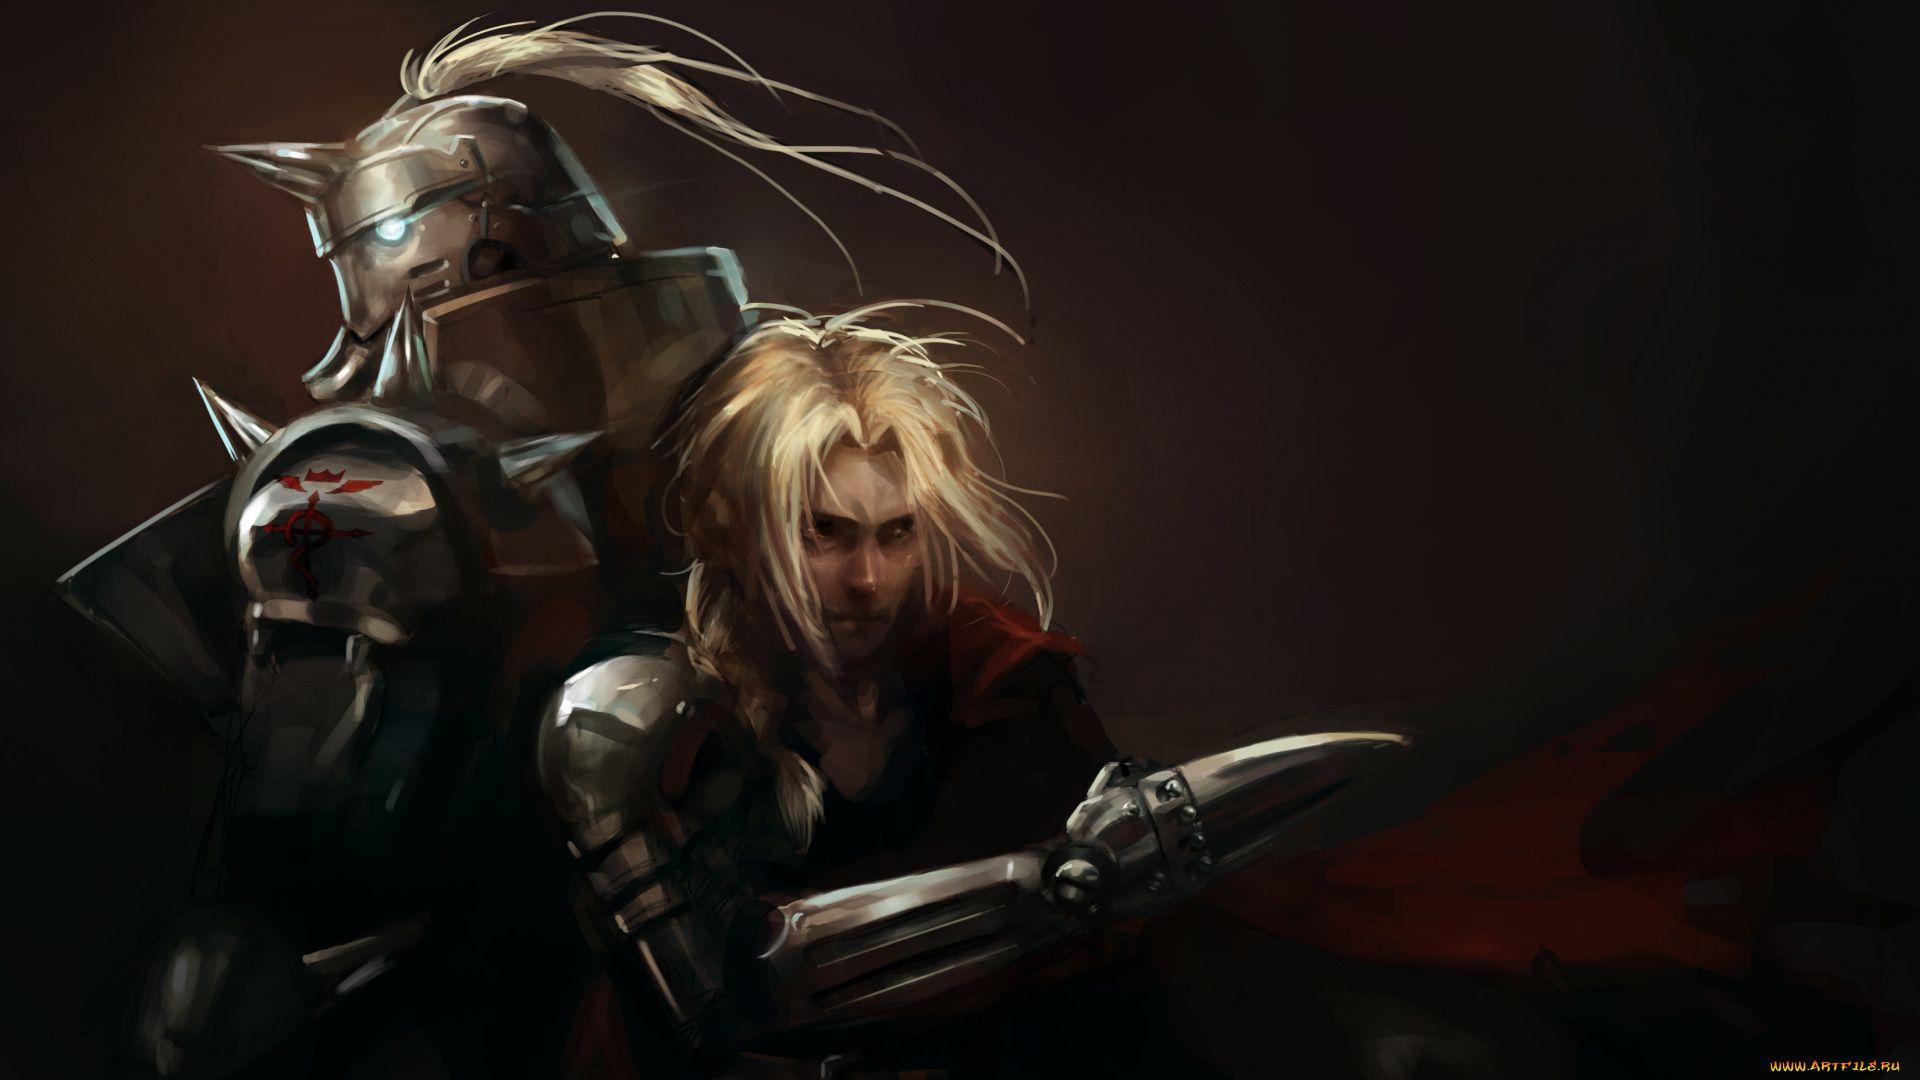 Fullmetal Alchemist Art Brothers